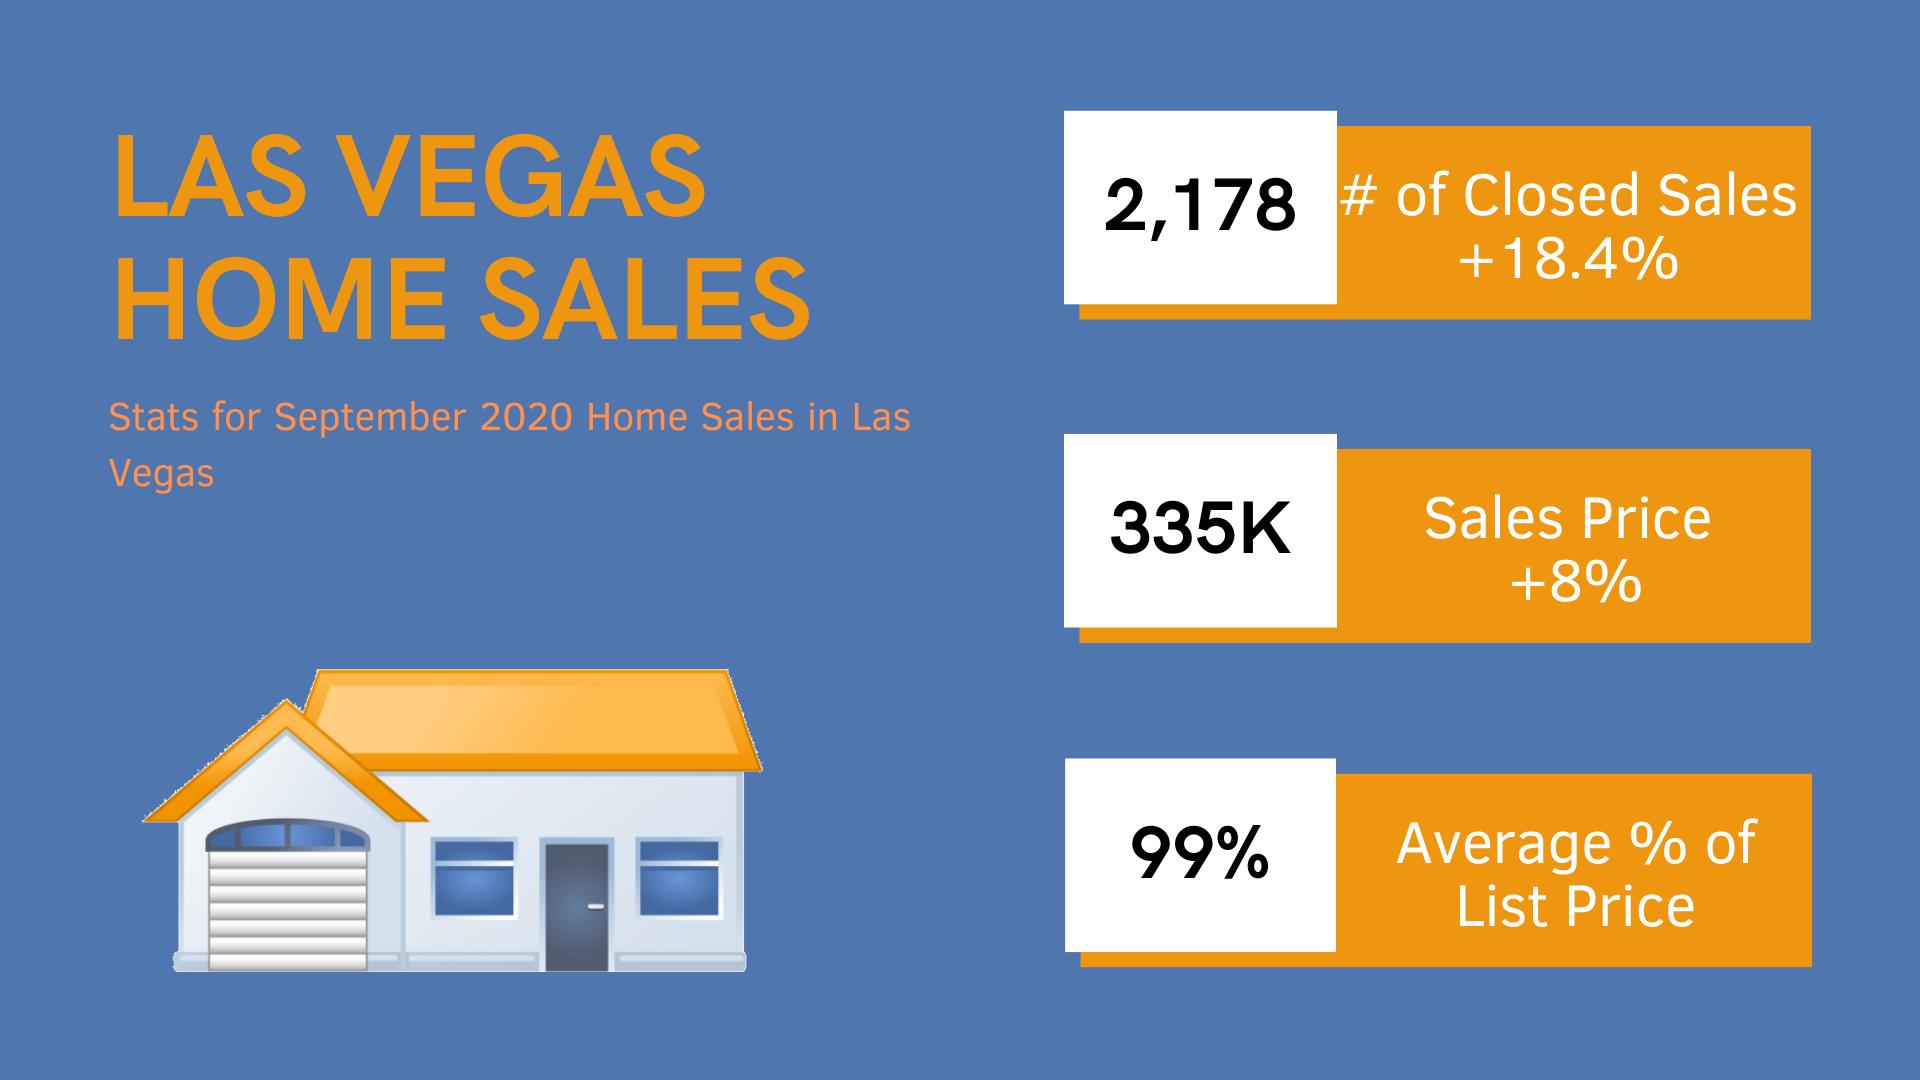 Las Vegas single-family home stats for September 2020